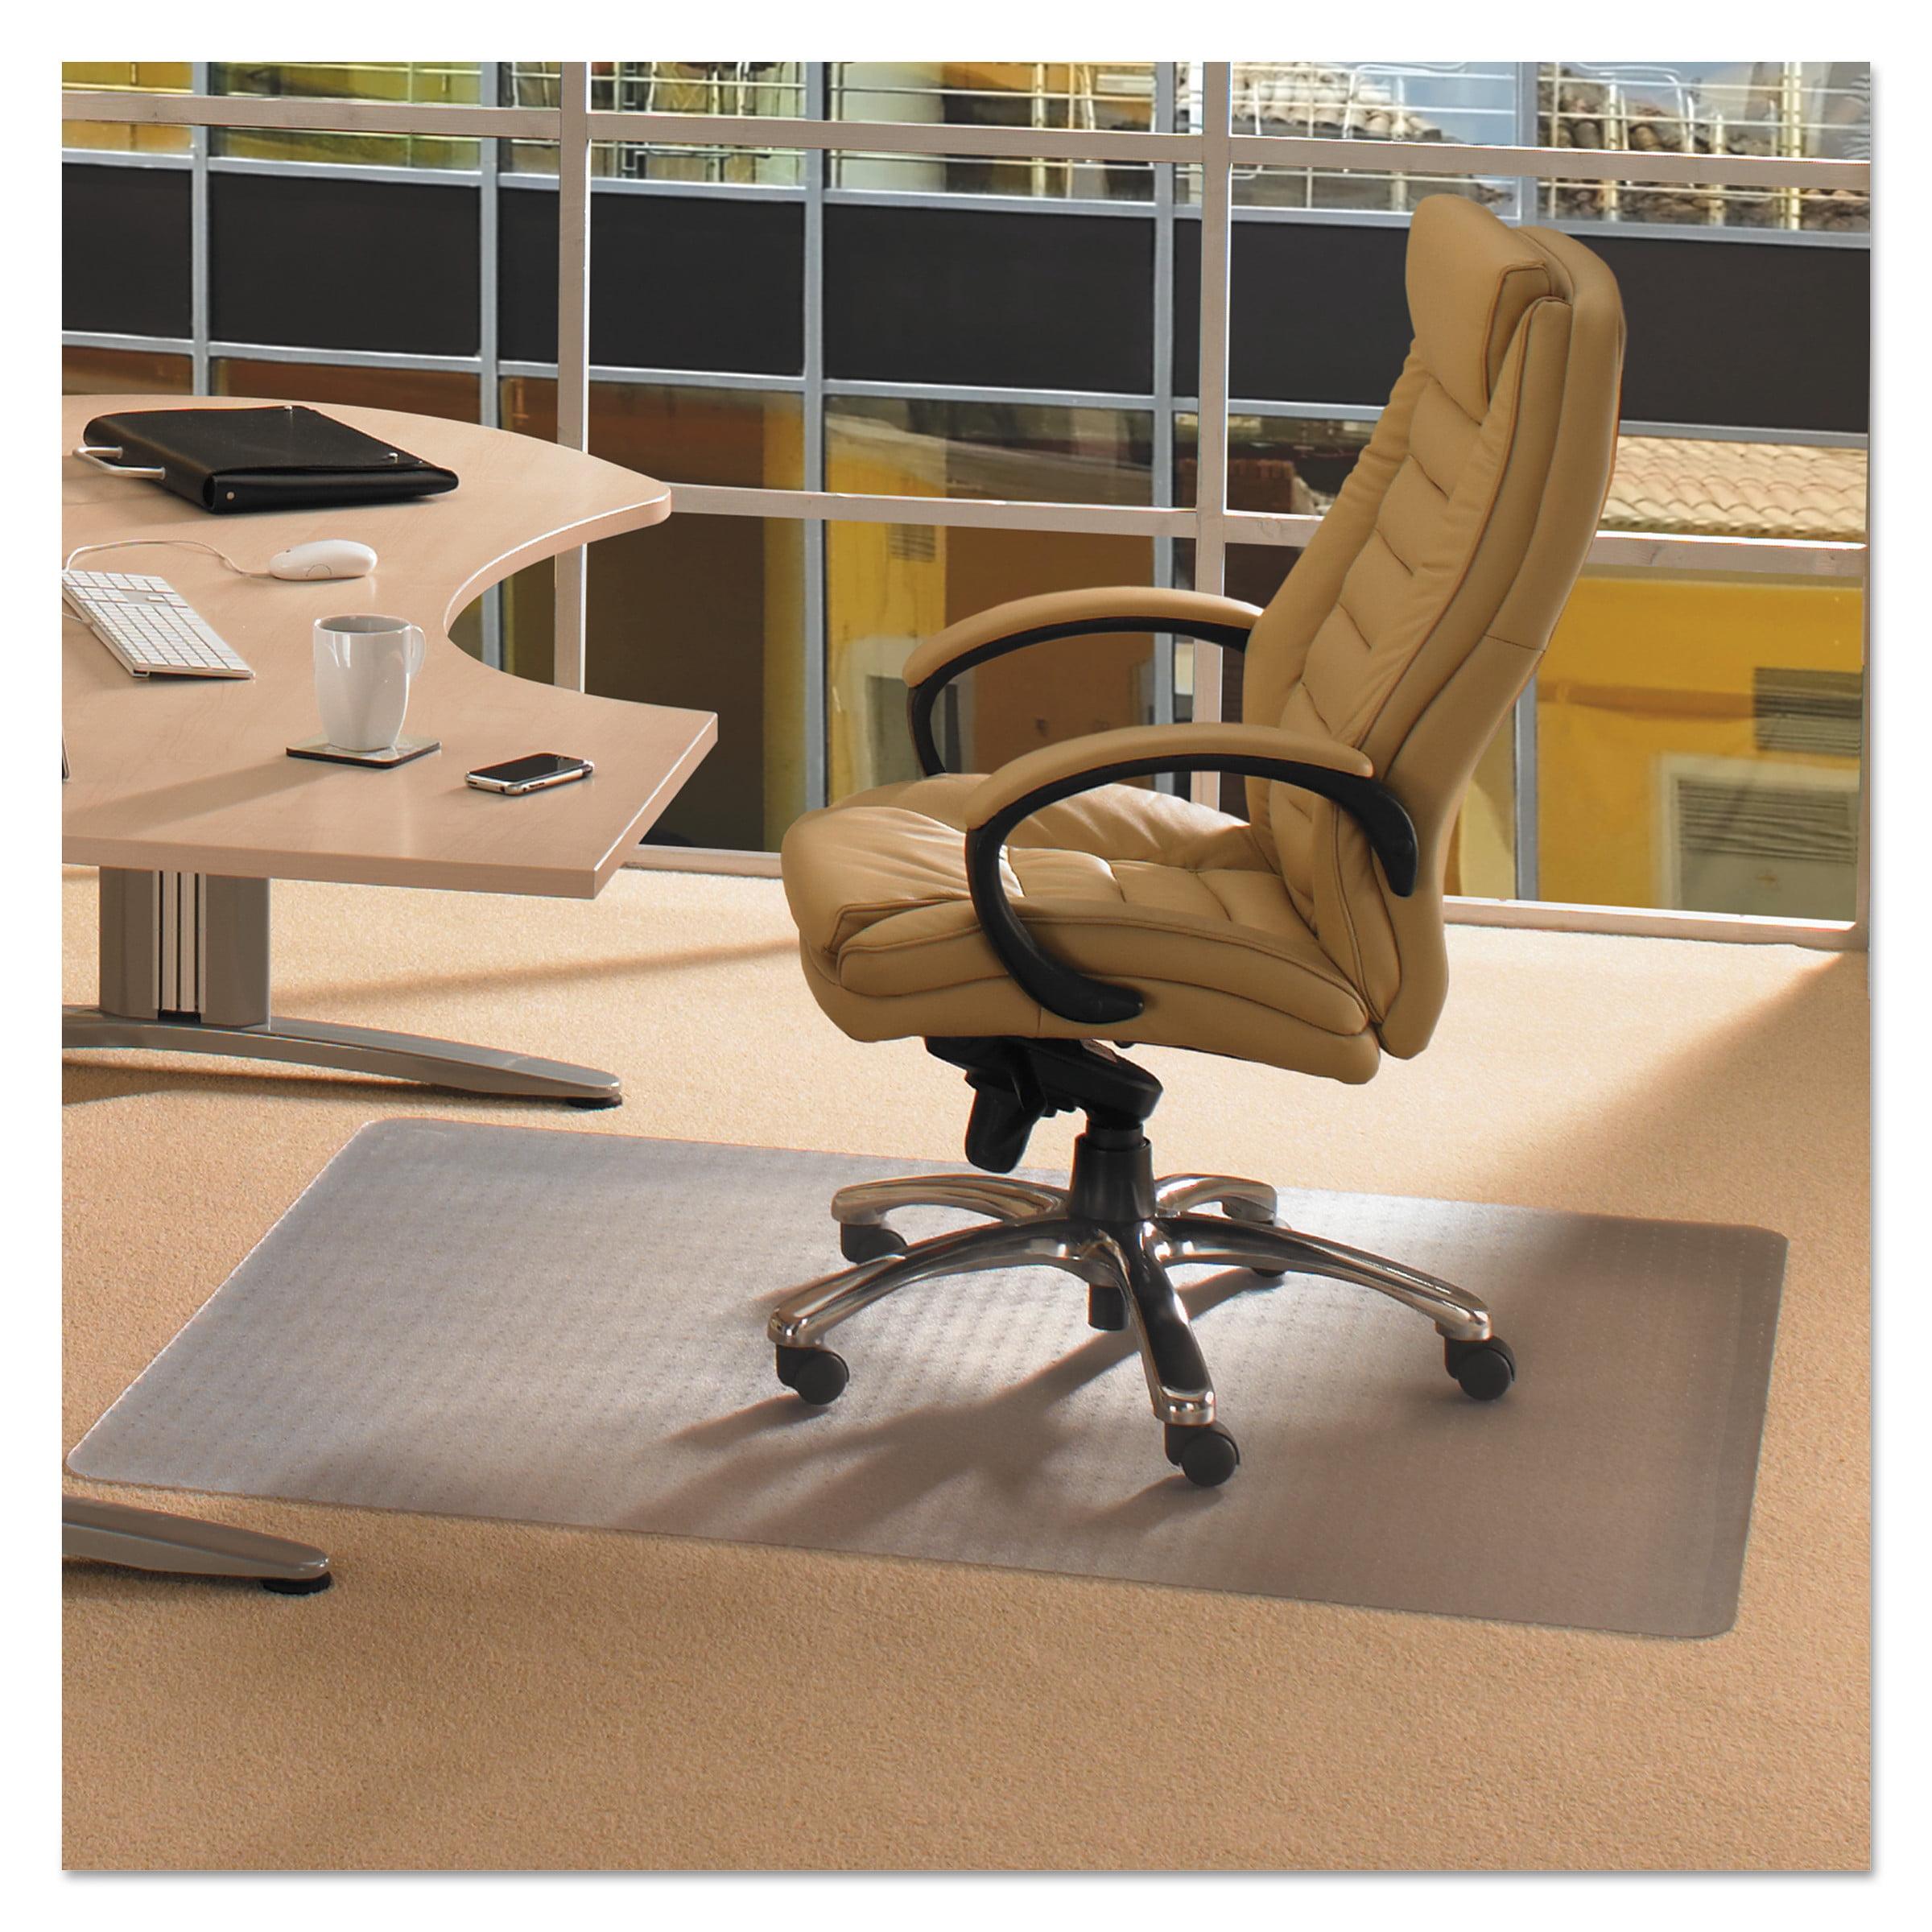 Floortex Cleartex Advantagemat 48 x 60 Chair Mat for Low Pile Carpet, Rectangular